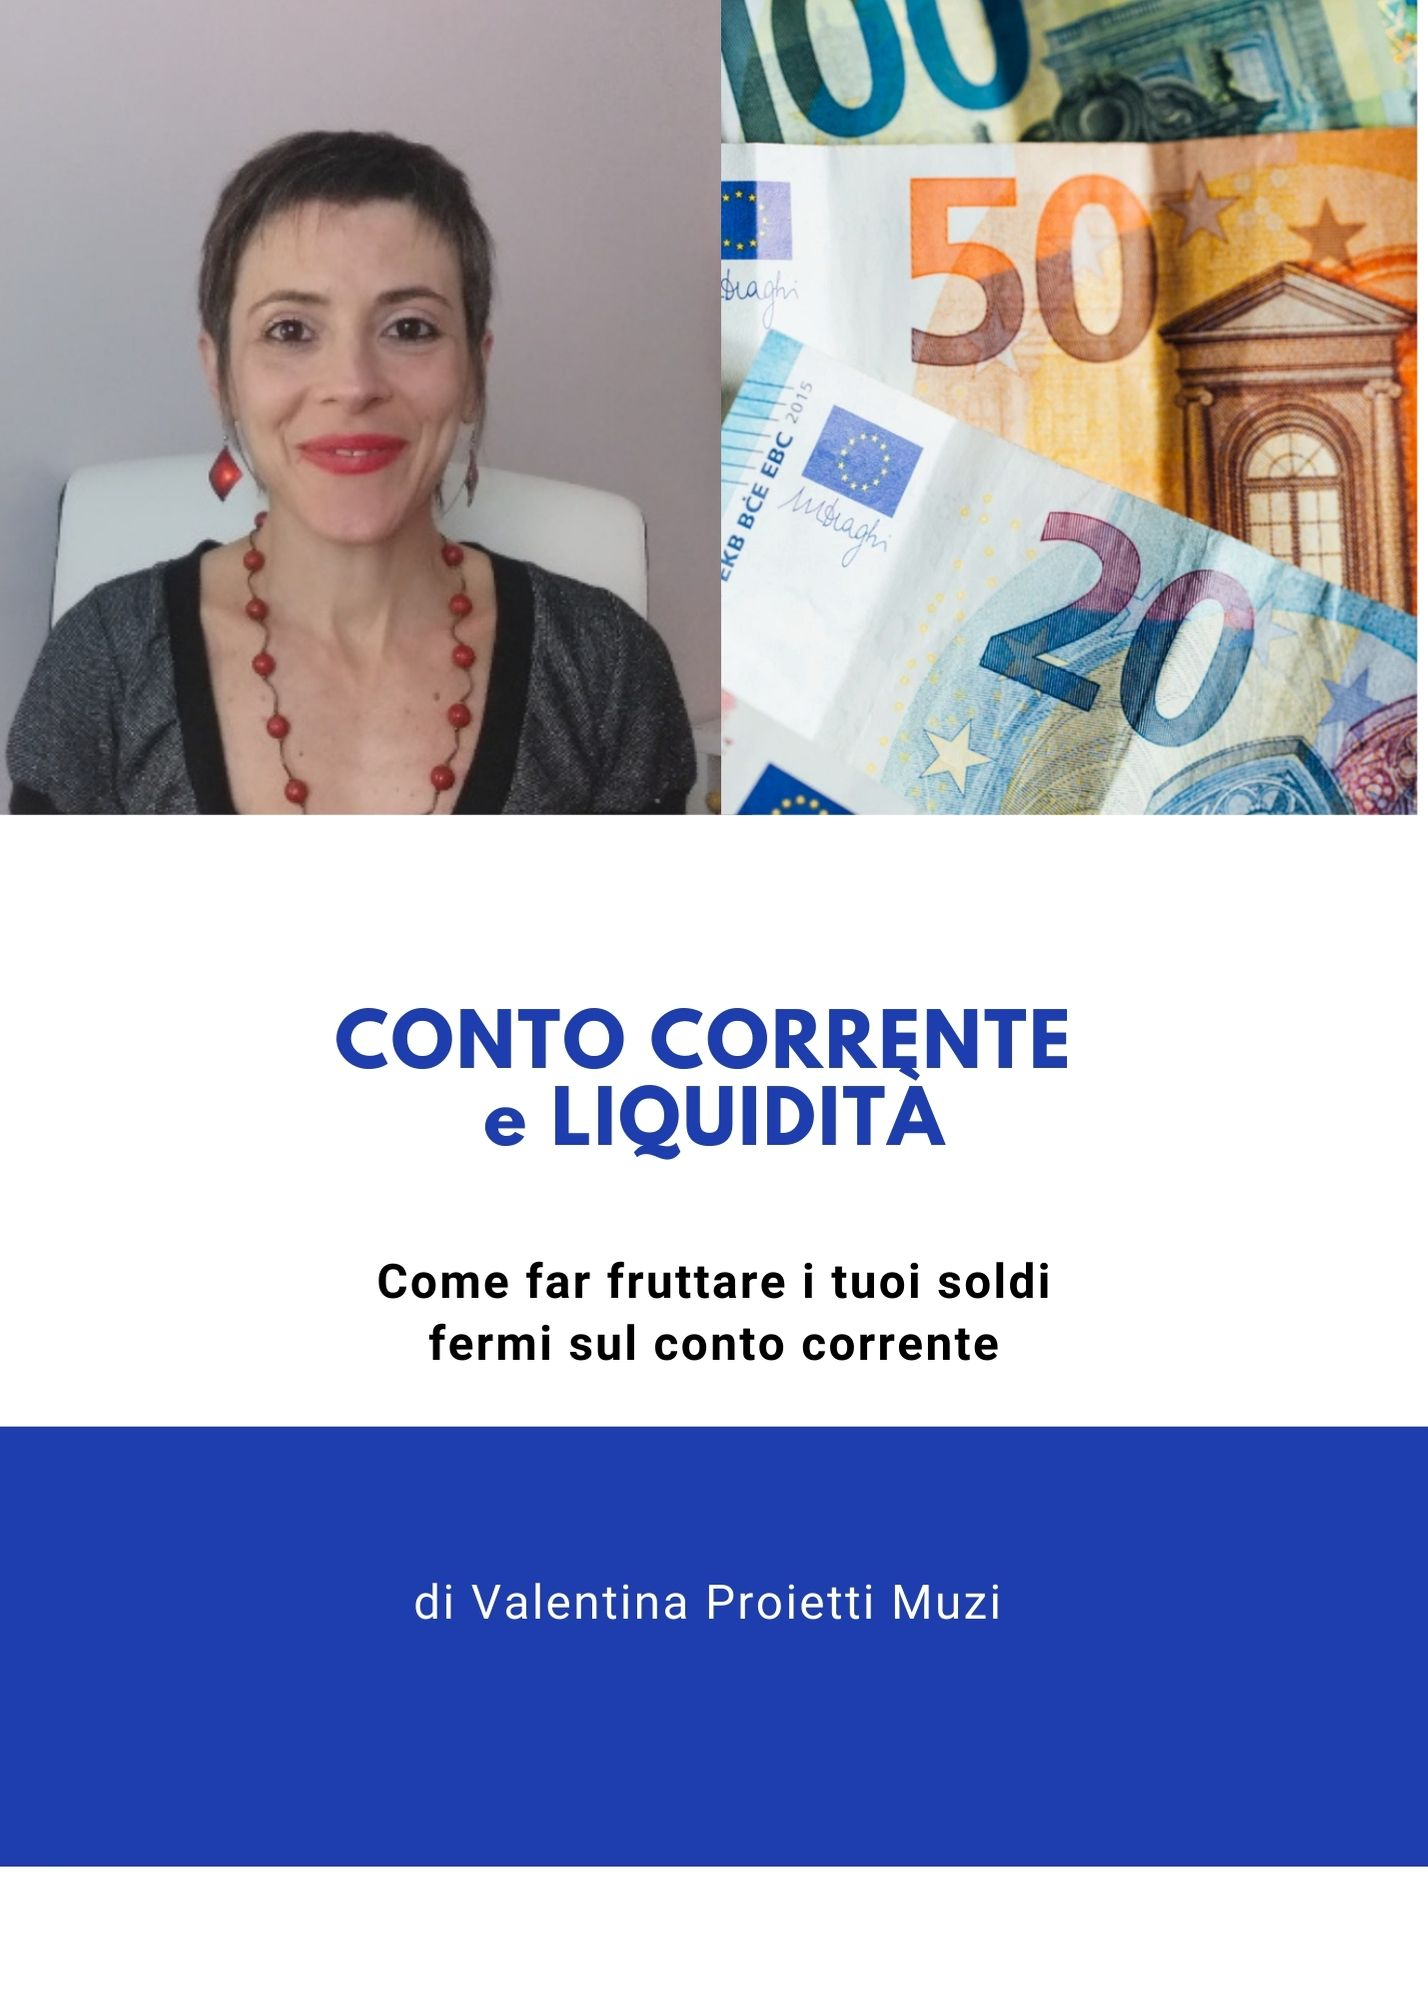 Conto corrente e liquidità. Come far fruttare i tuoi soldi fermi sul conto corrente.